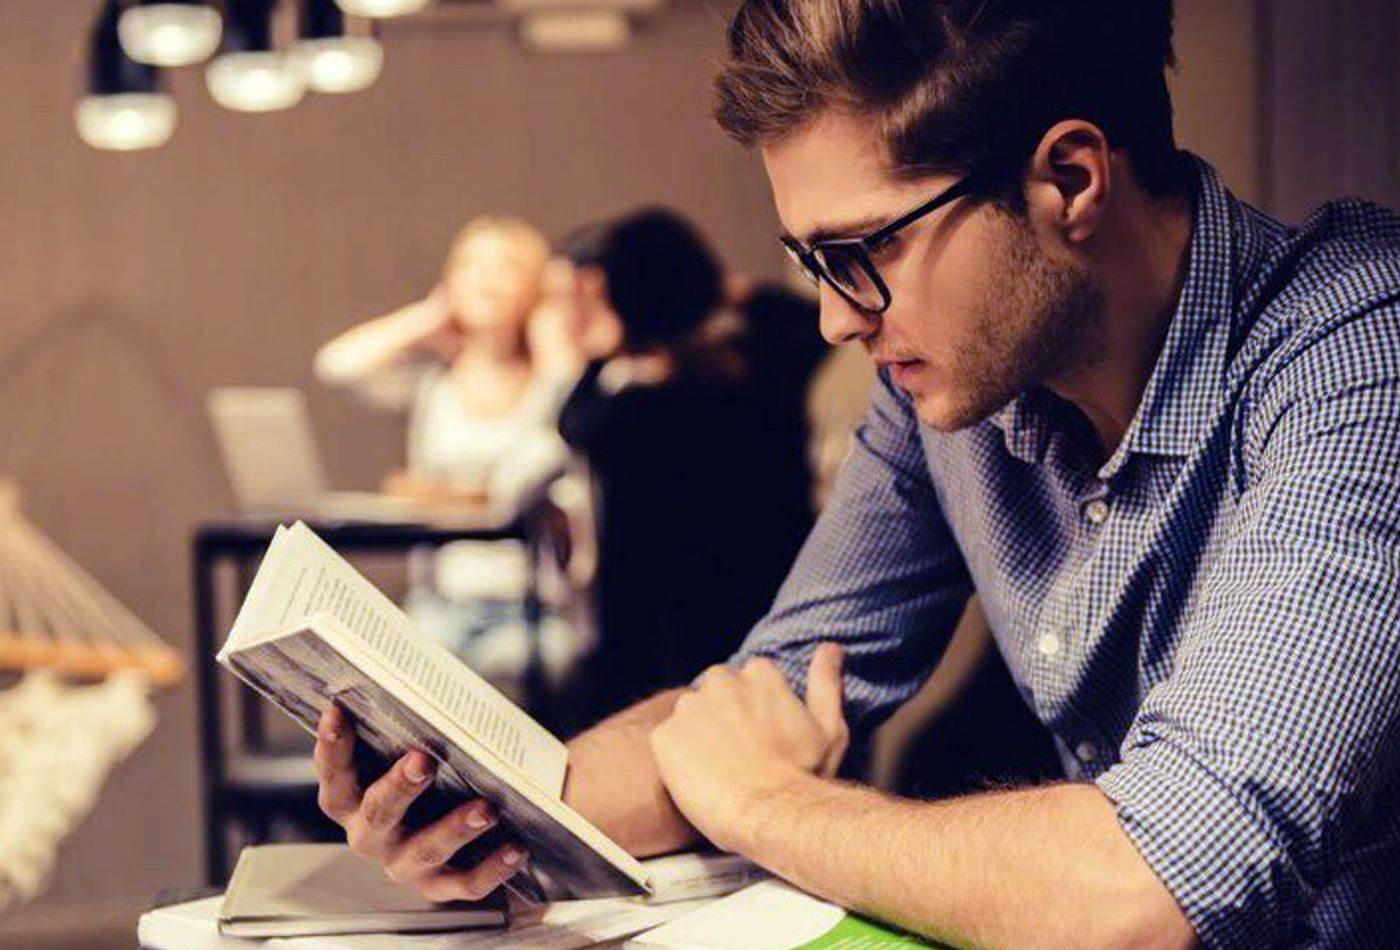 القراءة ليست هواية